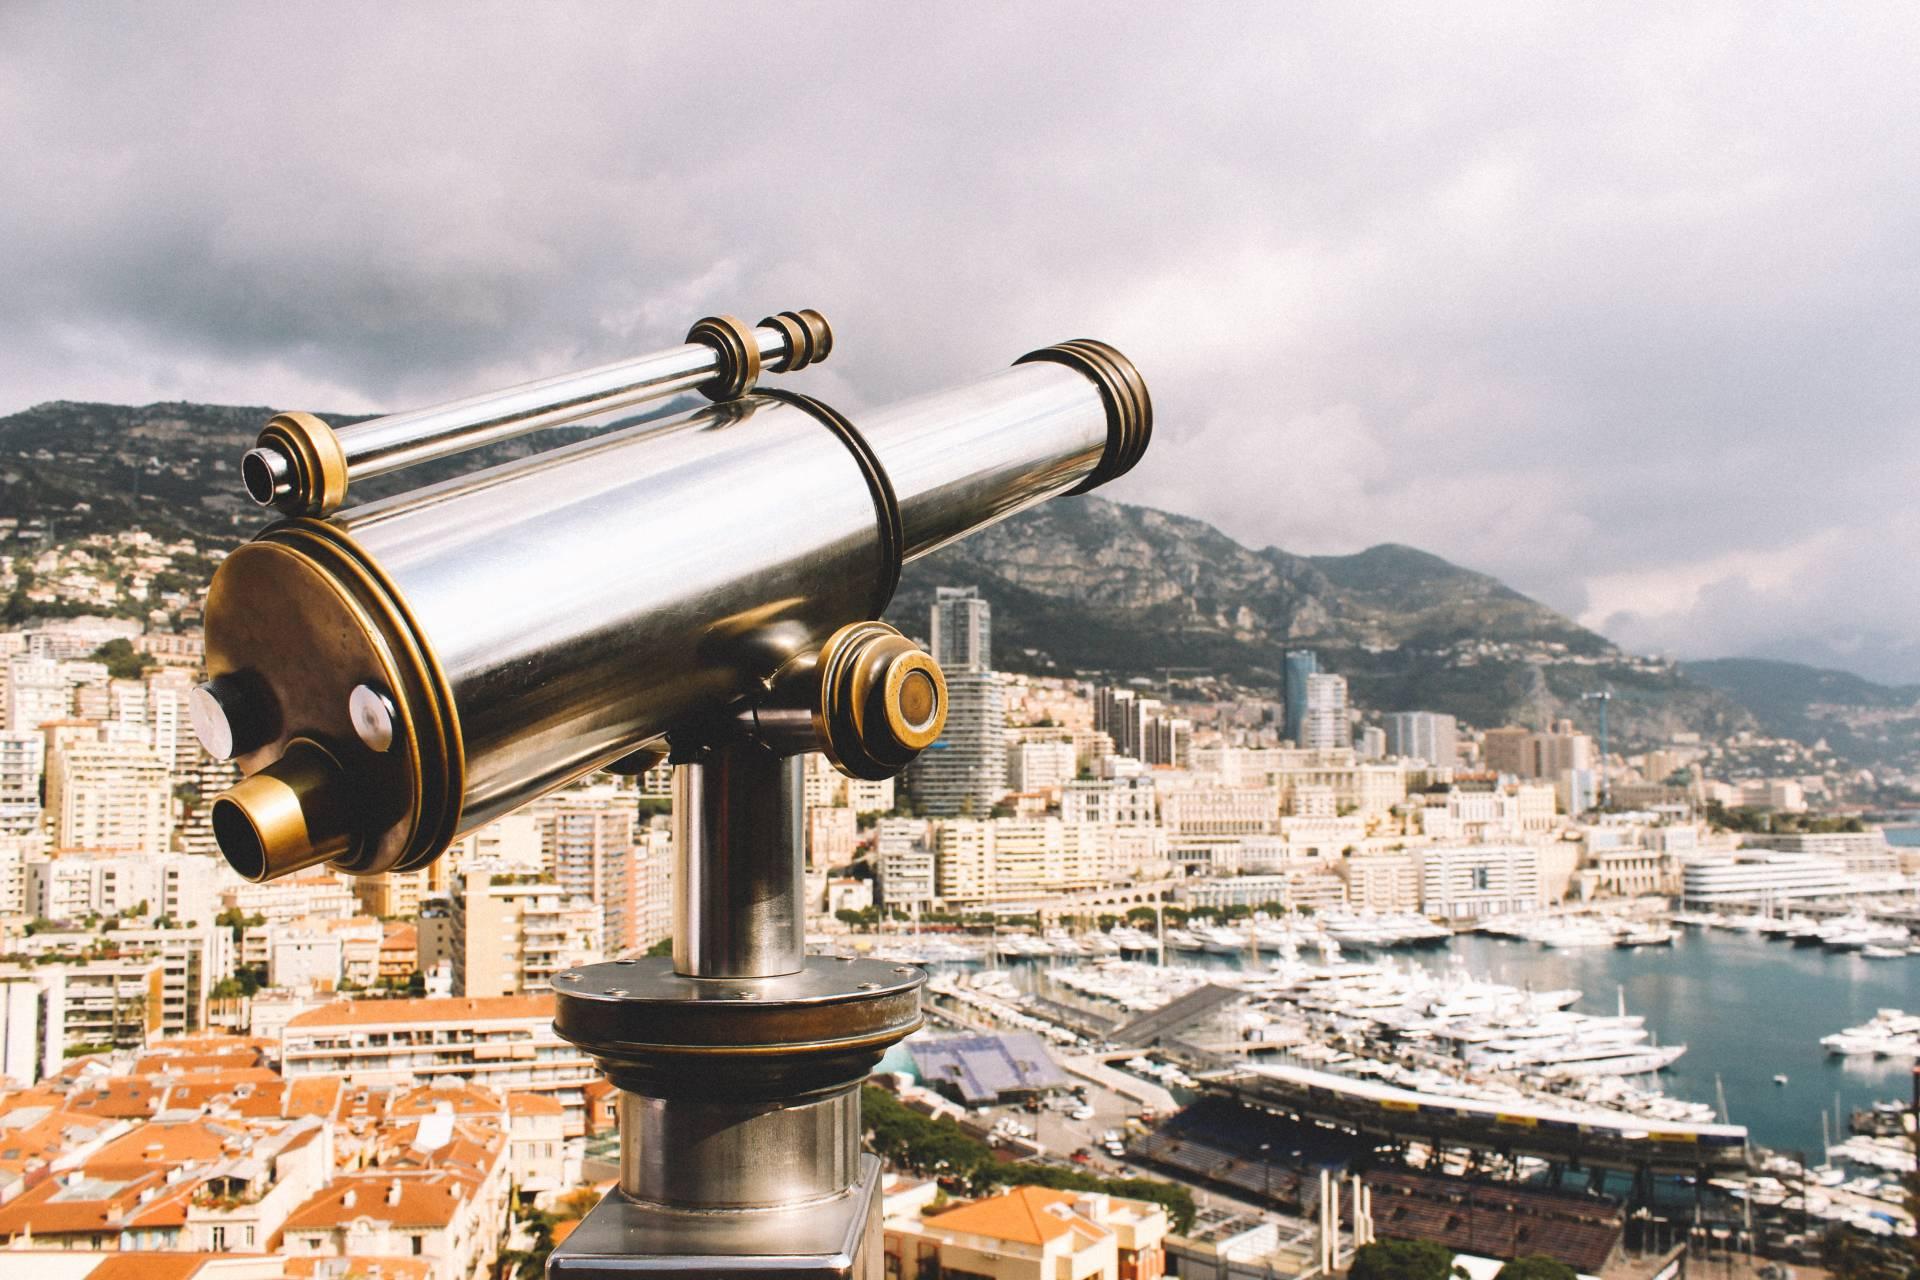 Telescope in Monte-Carlo, Monaco